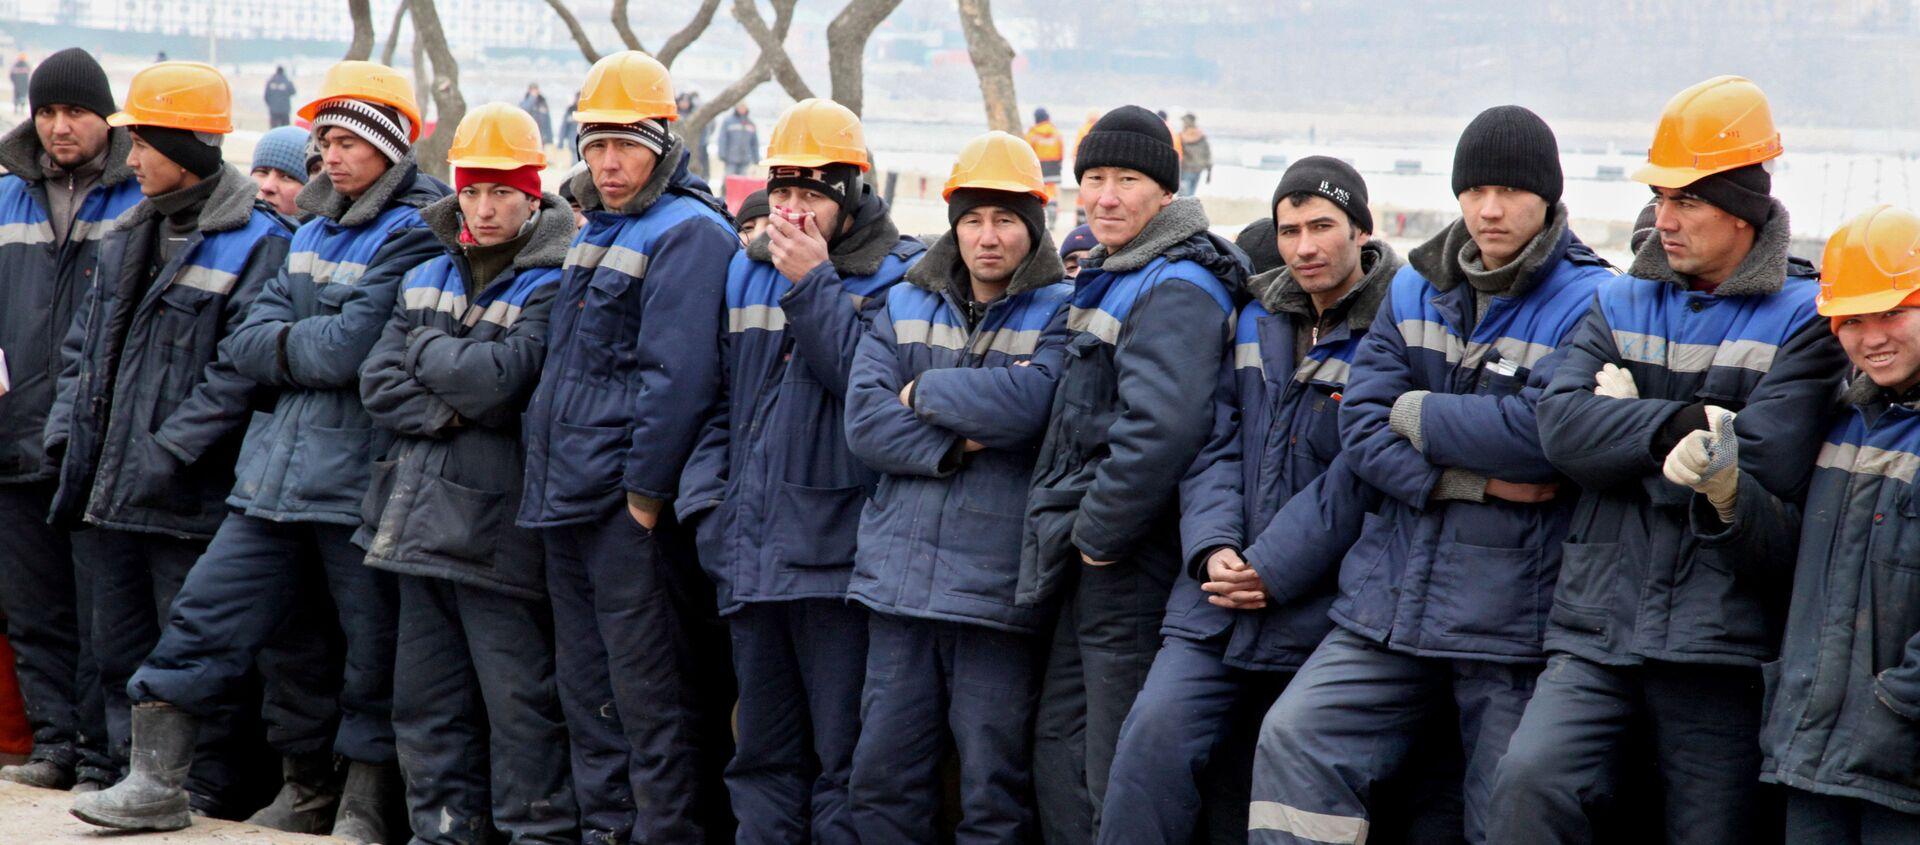 Иностранные рабочие - Sputnik Узбекистан, 1920, 07.04.2020